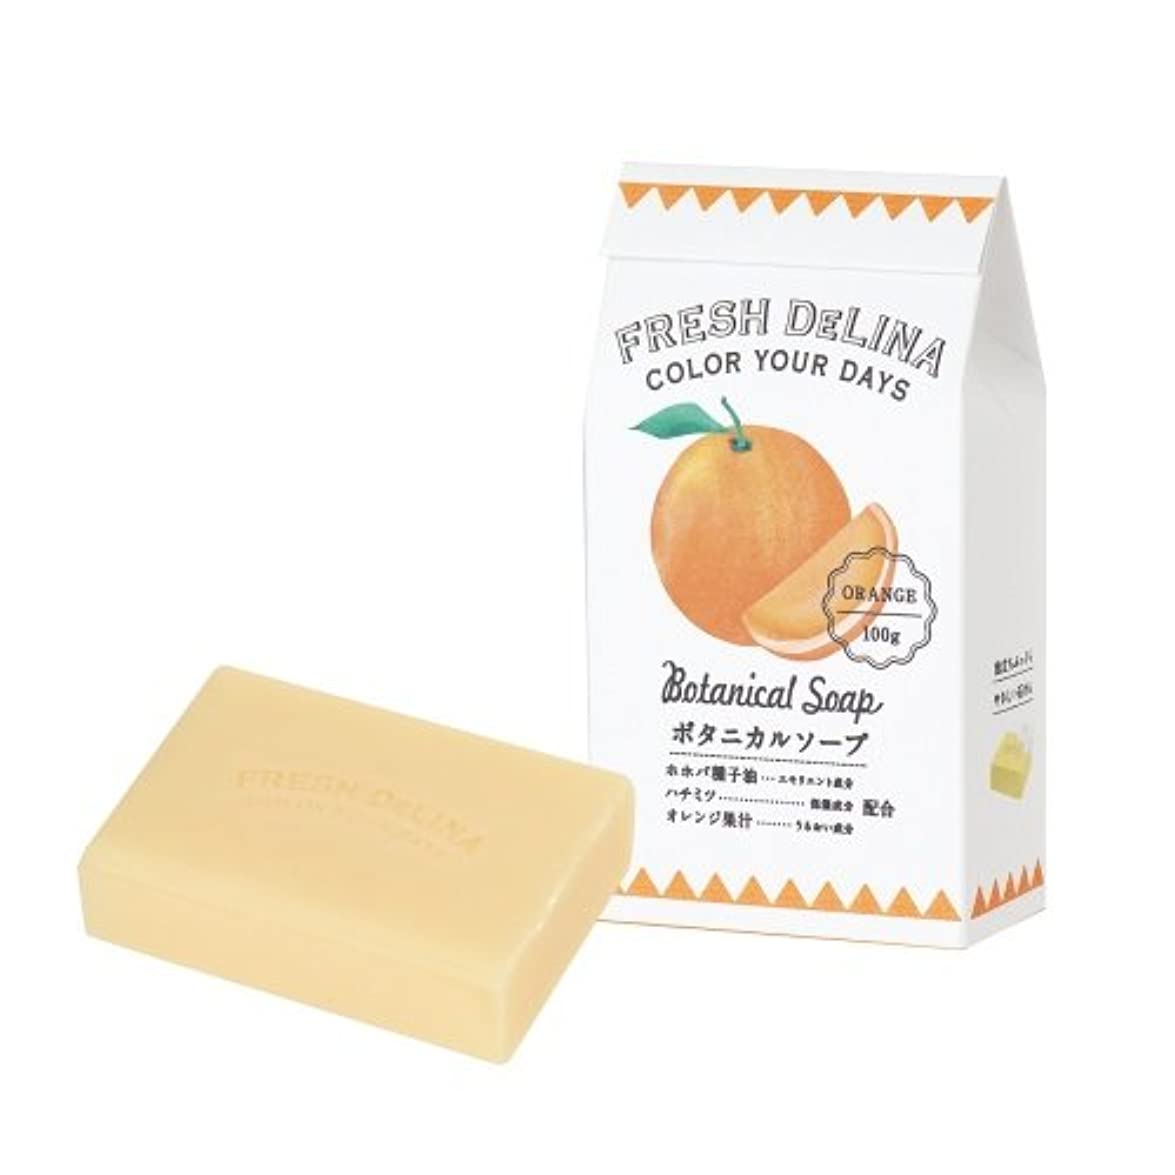 中国ティーム純度フレッシュデリーナ ボタニカルソープ オレンジ 100g